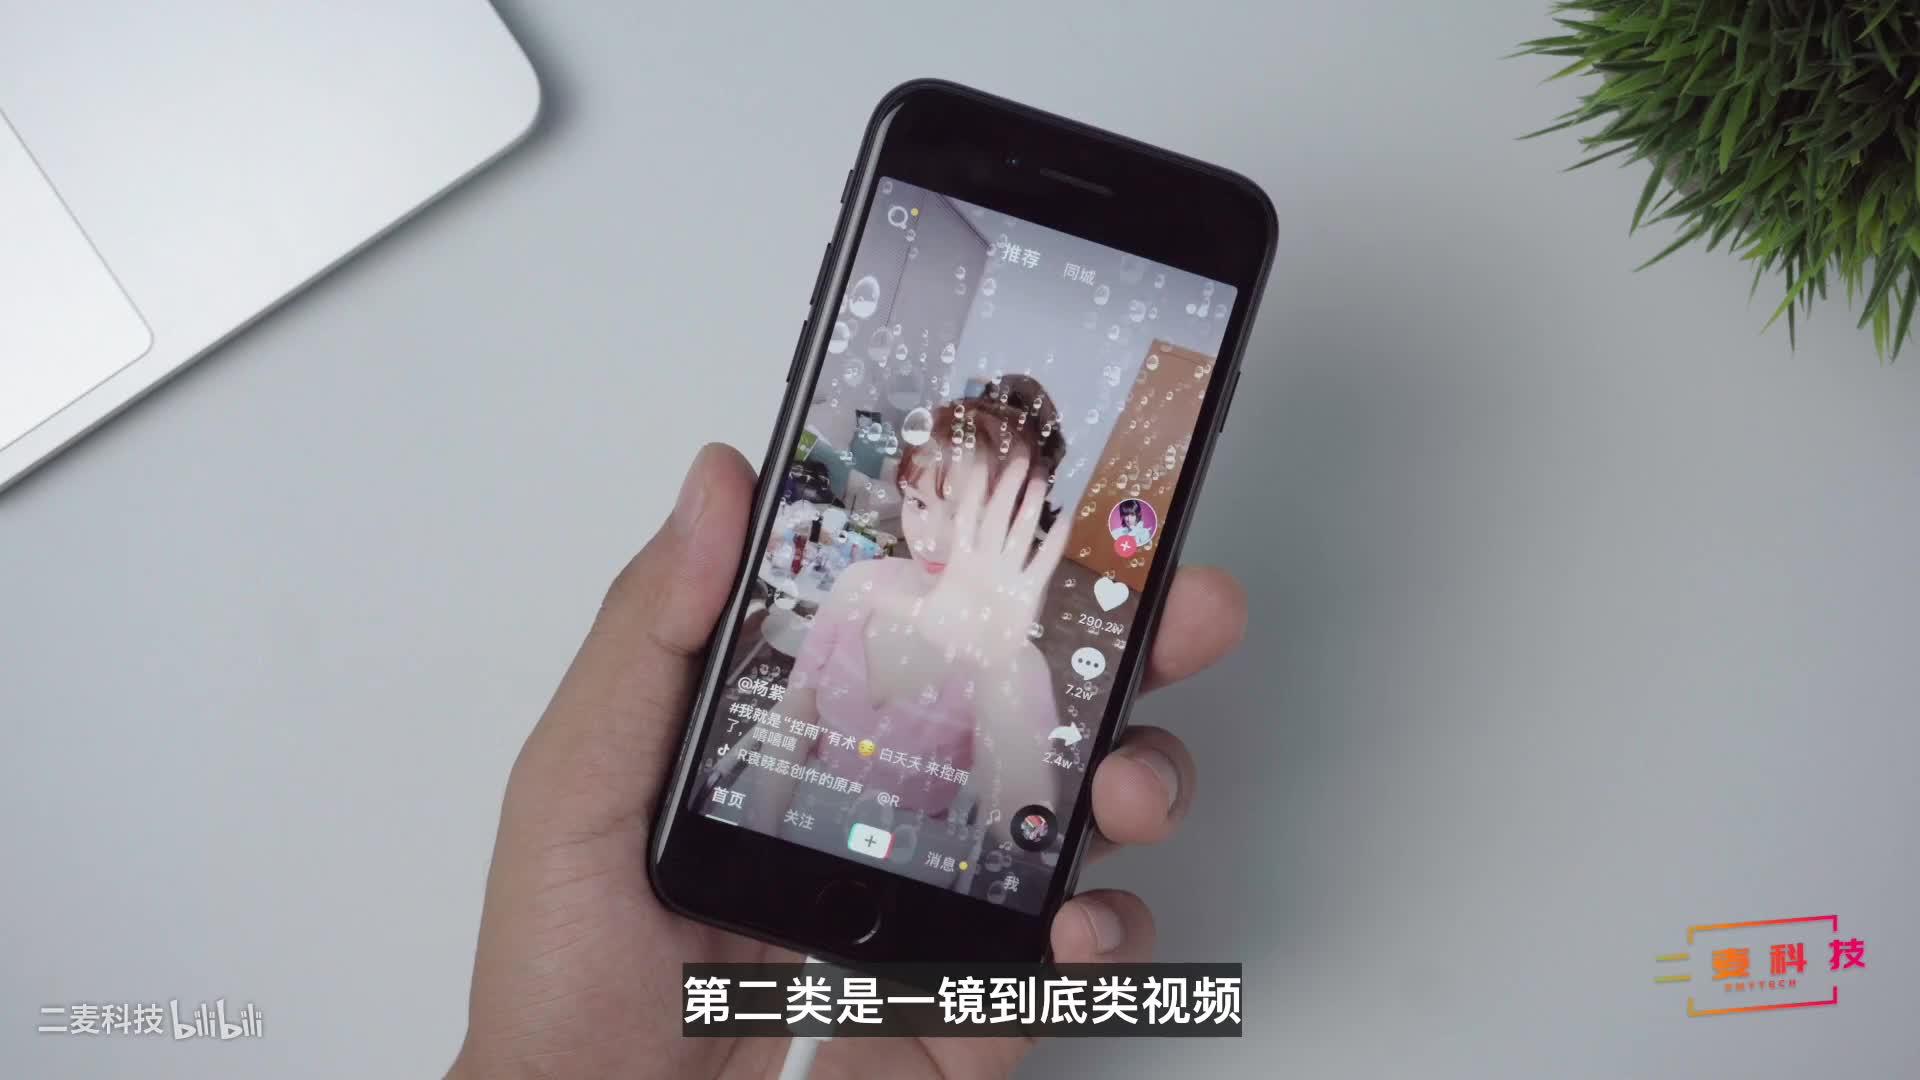 如何把文字和照片快速转为短视频?手机就能实现